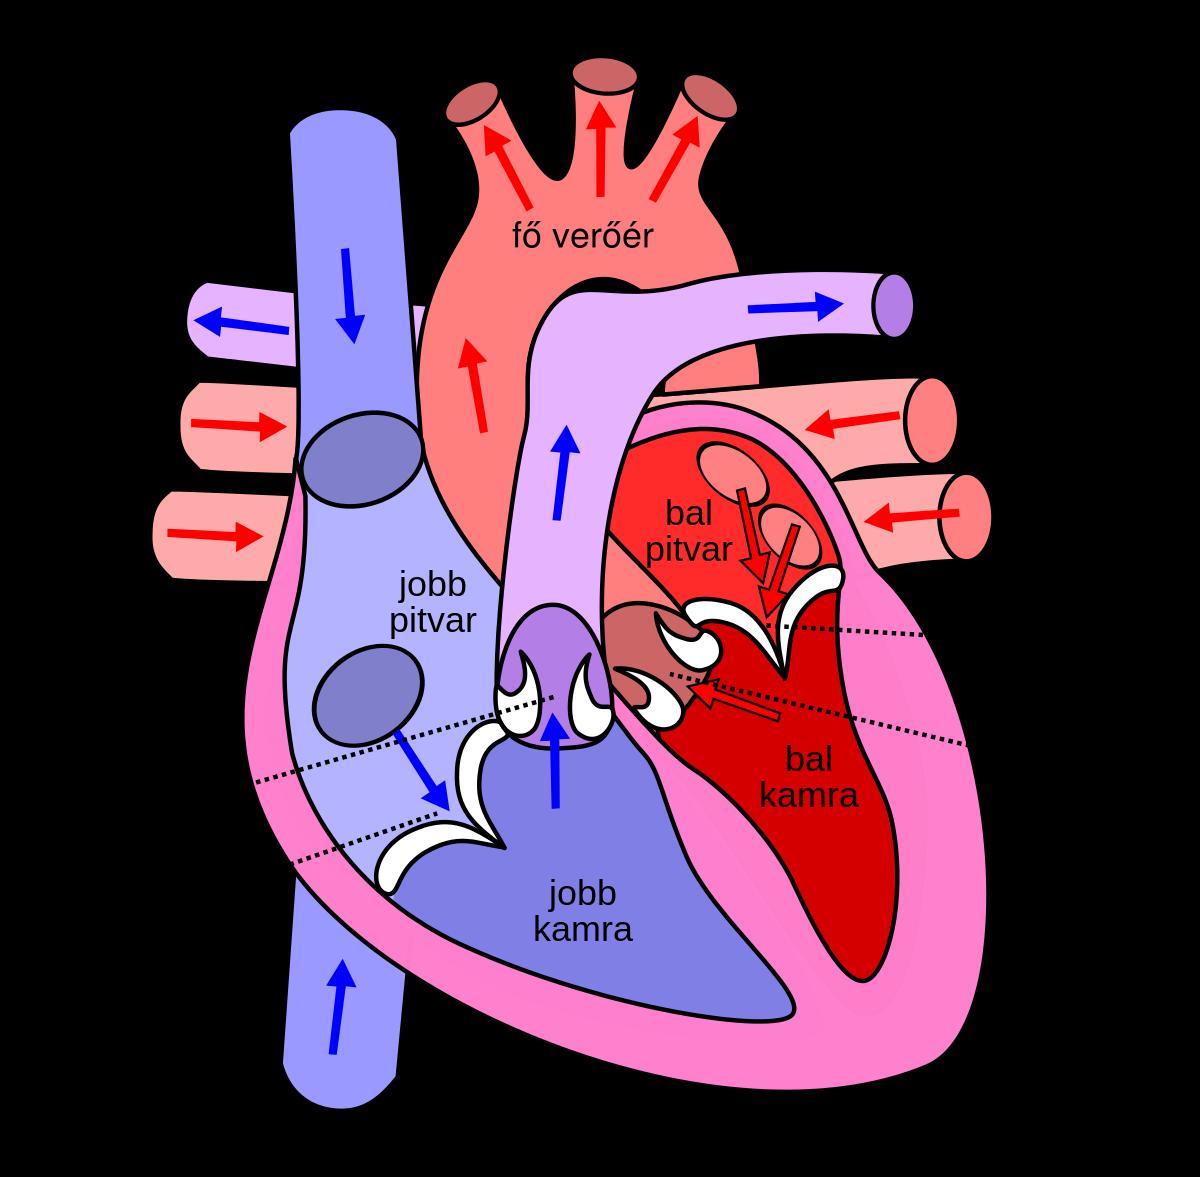 magas vérnyomás prospektusok hogyan kell szimulálni a magas vérnyomást smad